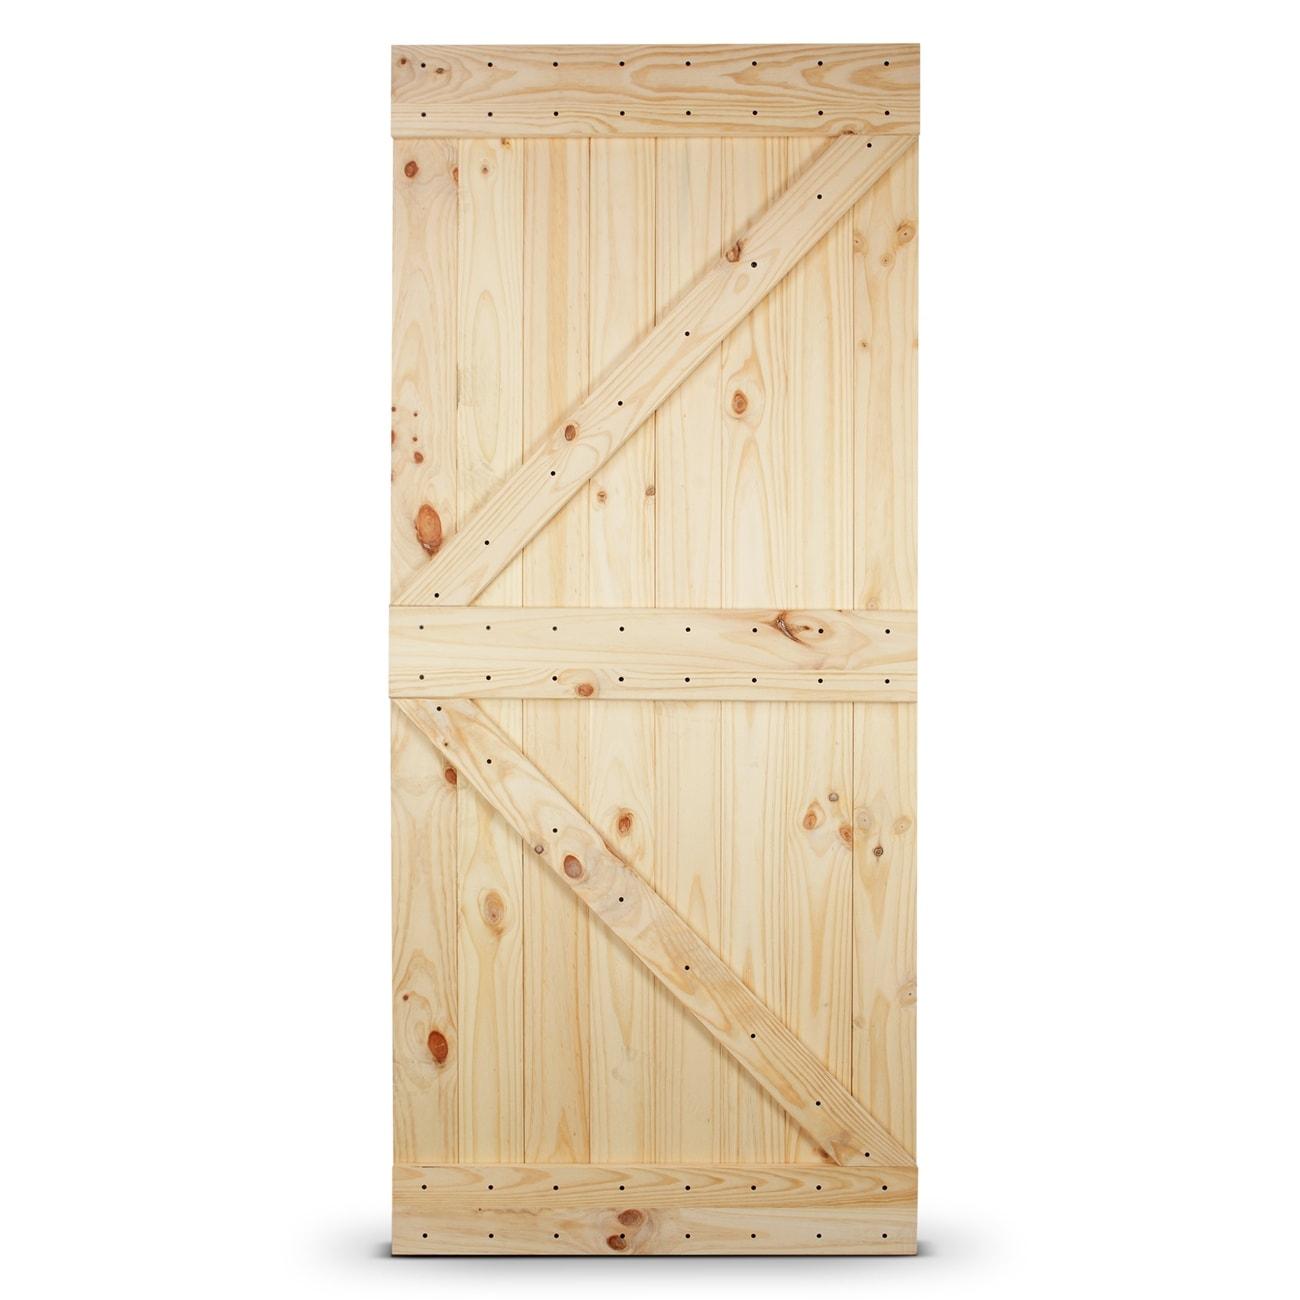 Buy Doors Online at Overstock | Our Best Doors & Windows Deals on